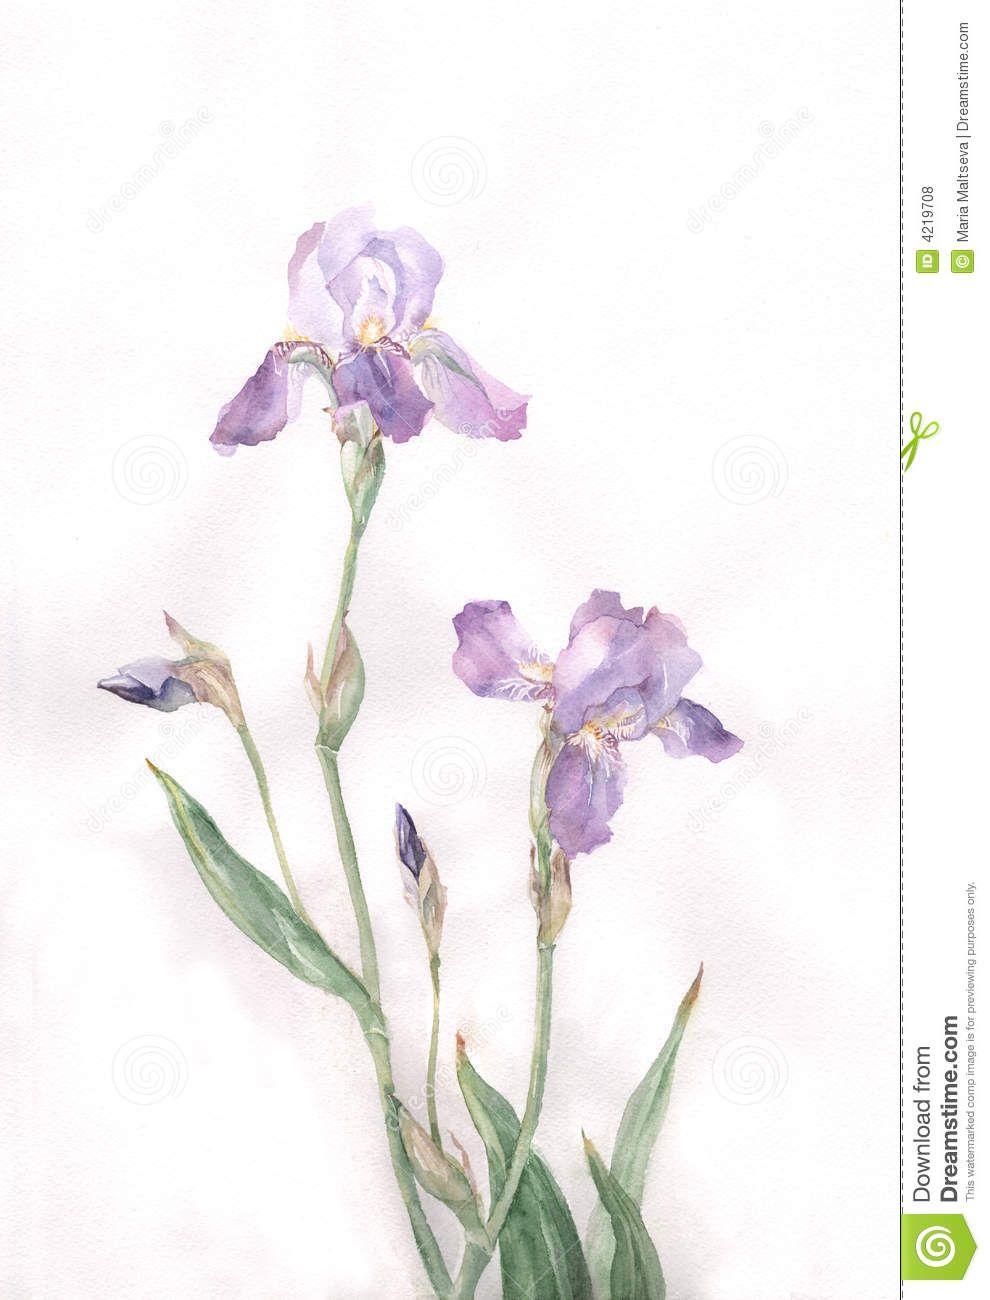 Watercolor Iris Paintings Royalty Free Stock Photos Iris Flowers